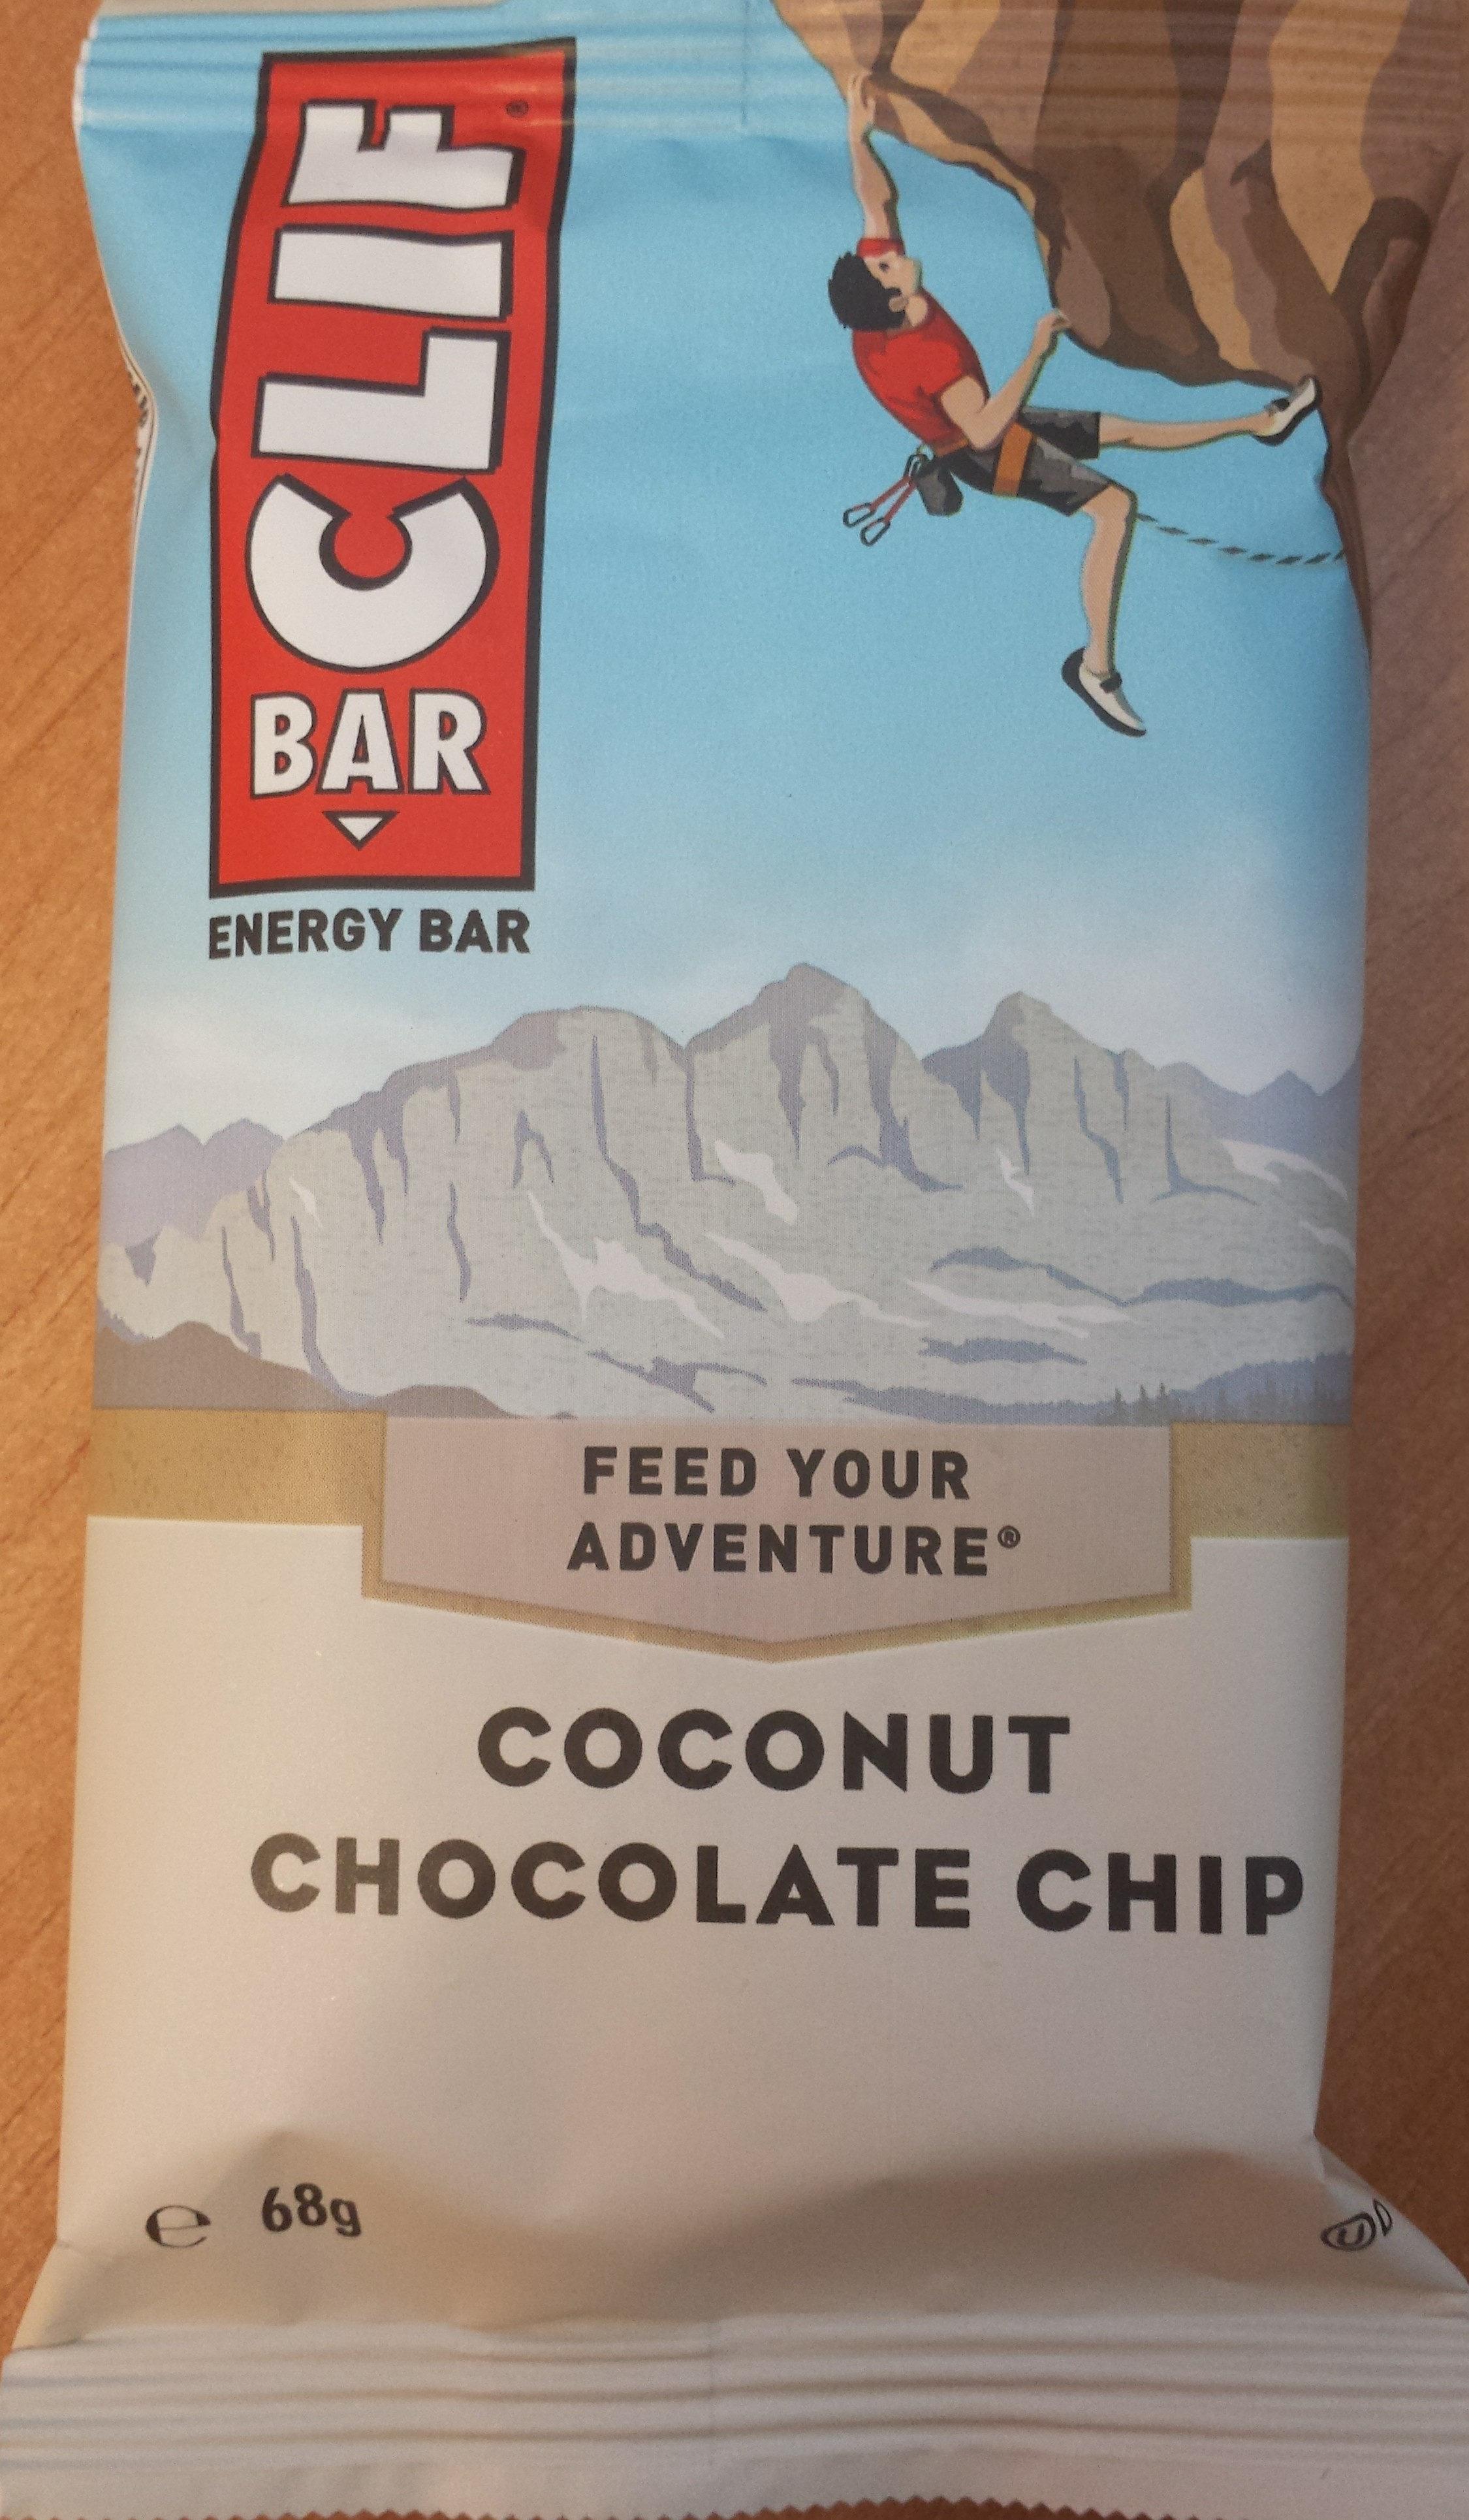 Coconut Chocolate Chip - Prodotto - en